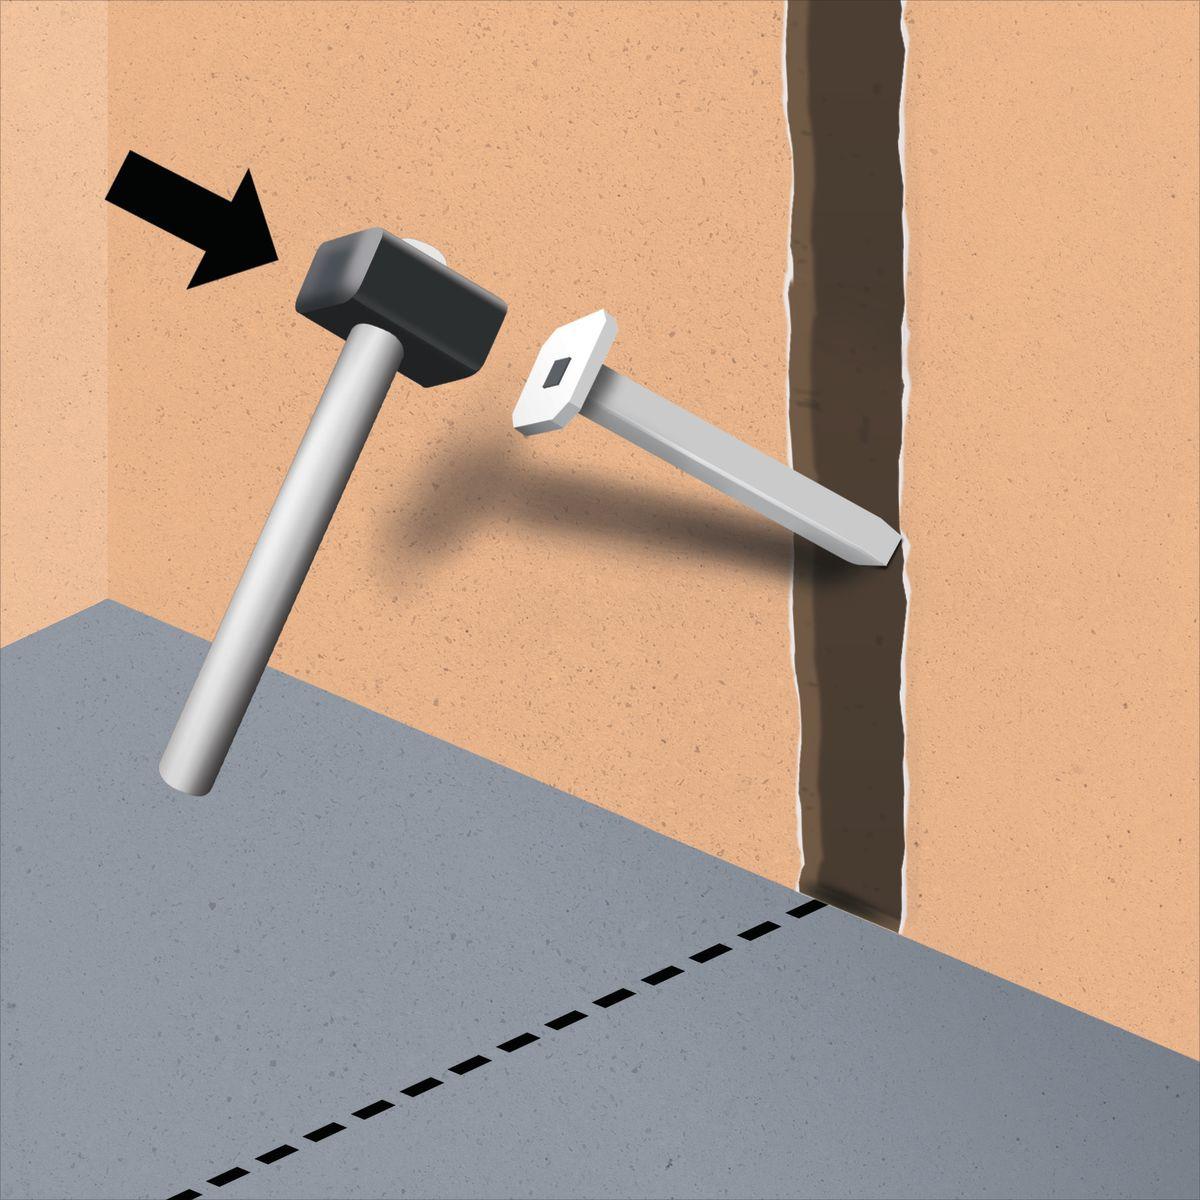 Applique da parete fai da te interesting applique da for Come costruire la propria casa a basso costo